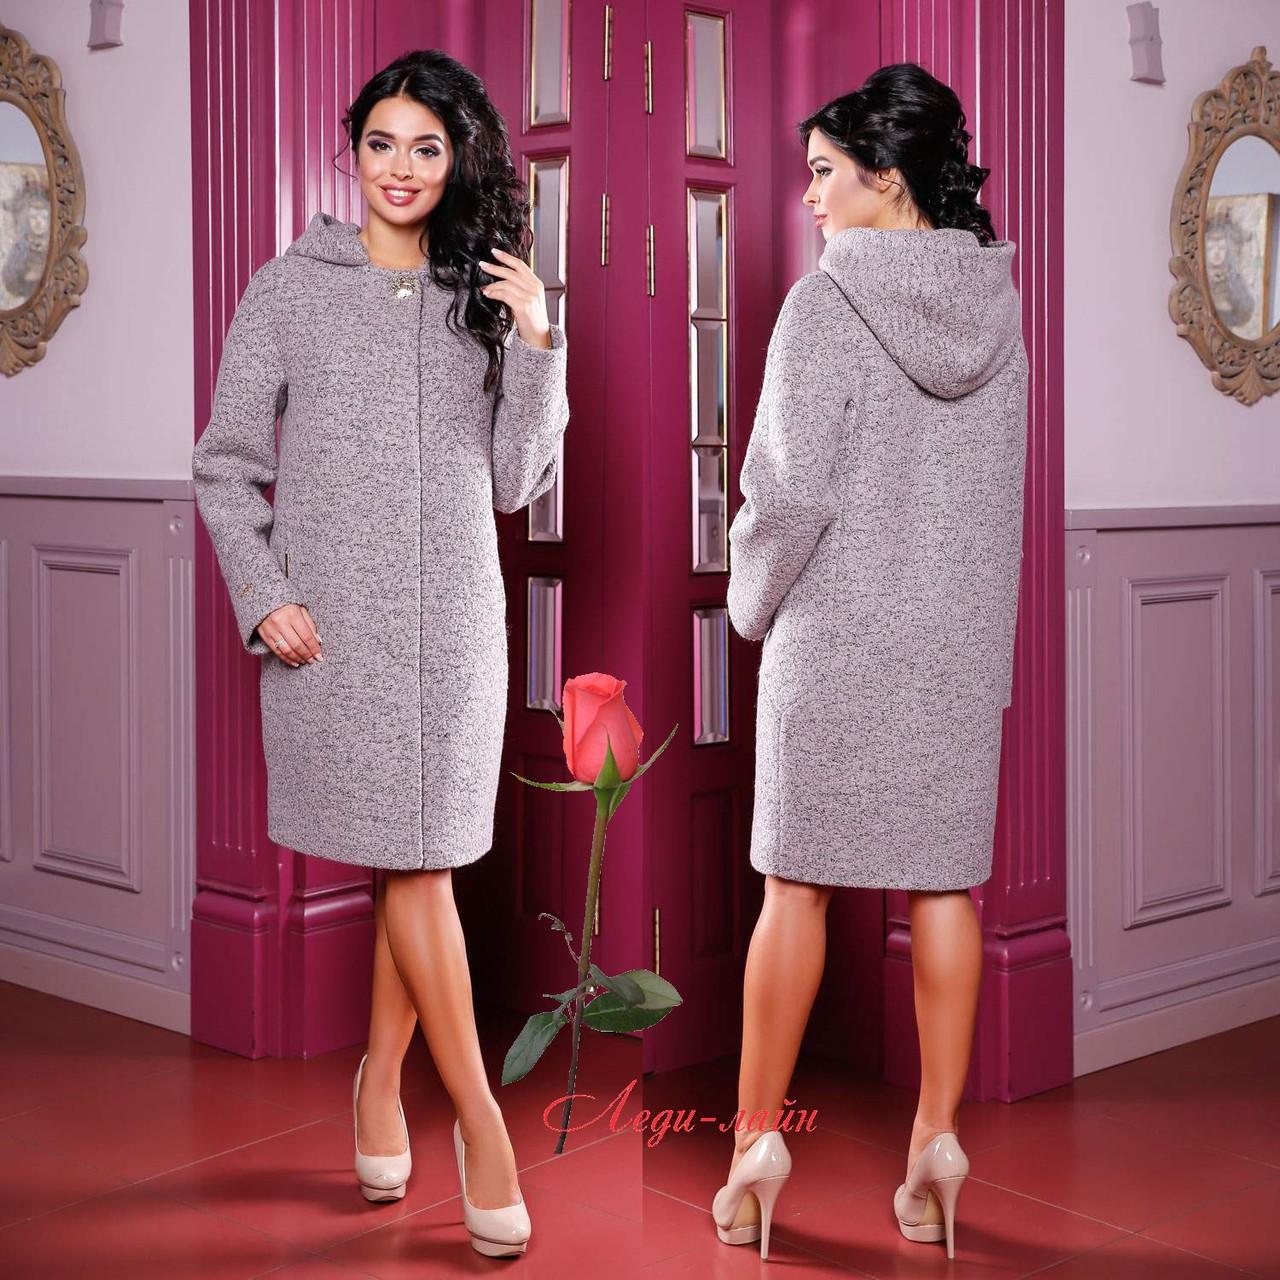 Демисезонное пальто с капюшоном  F  77981 Серый Тон 48